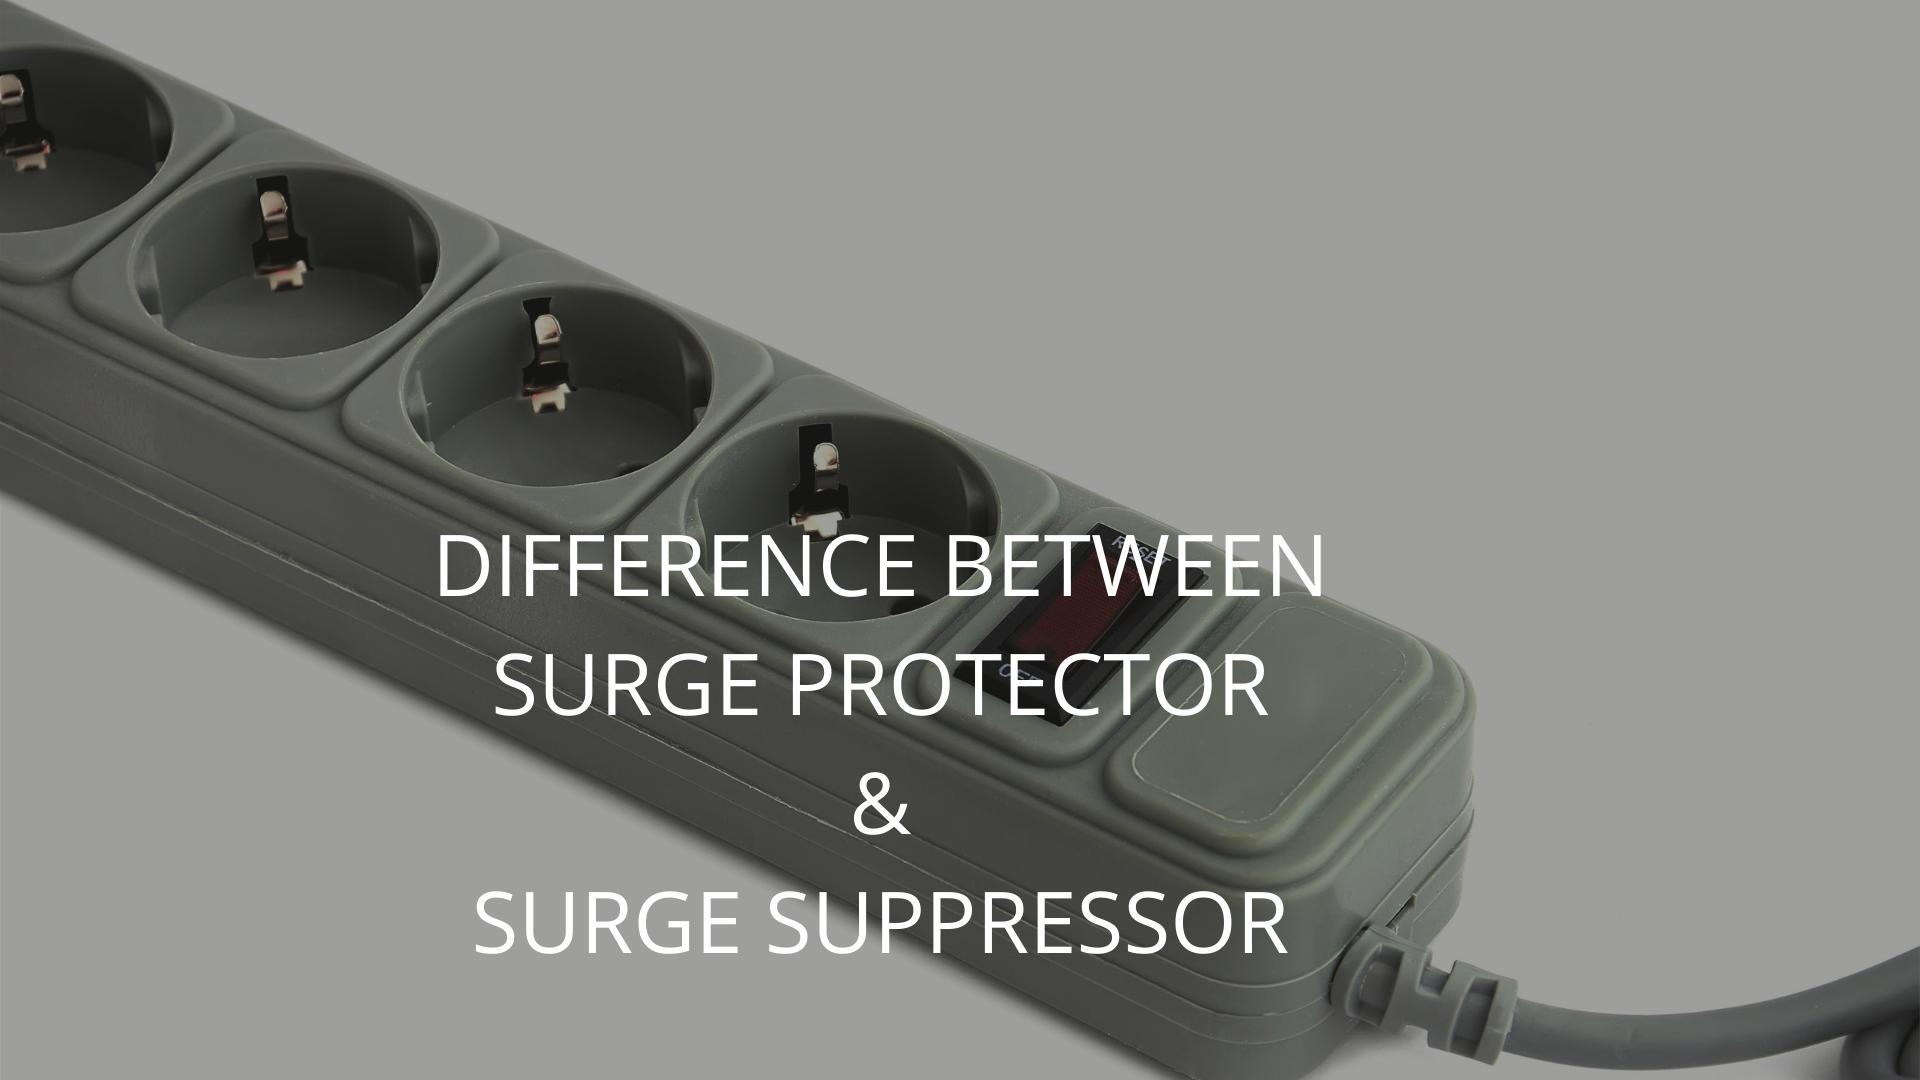 surge protector vs surge suppressor